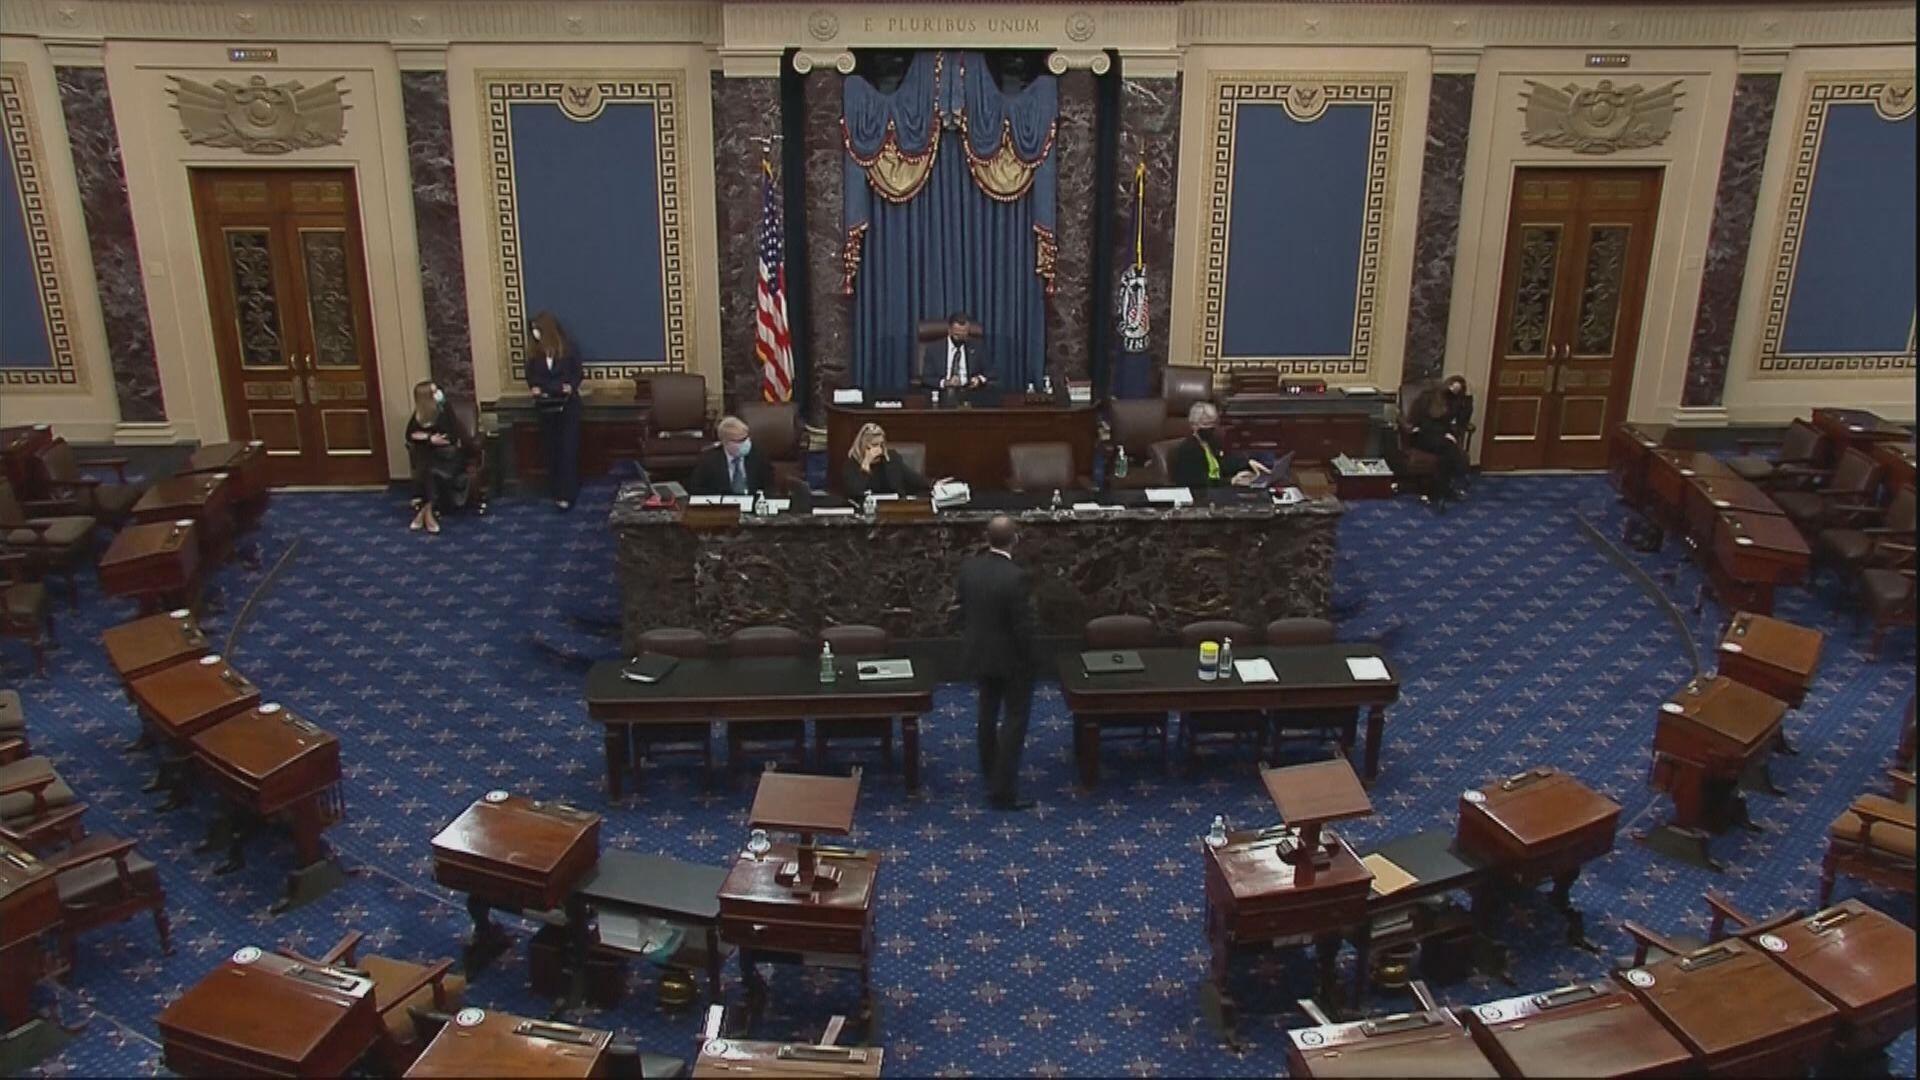 《香港人民自由和選擇法案》美國參院闖關失敗 難望今屆會期結束前通過